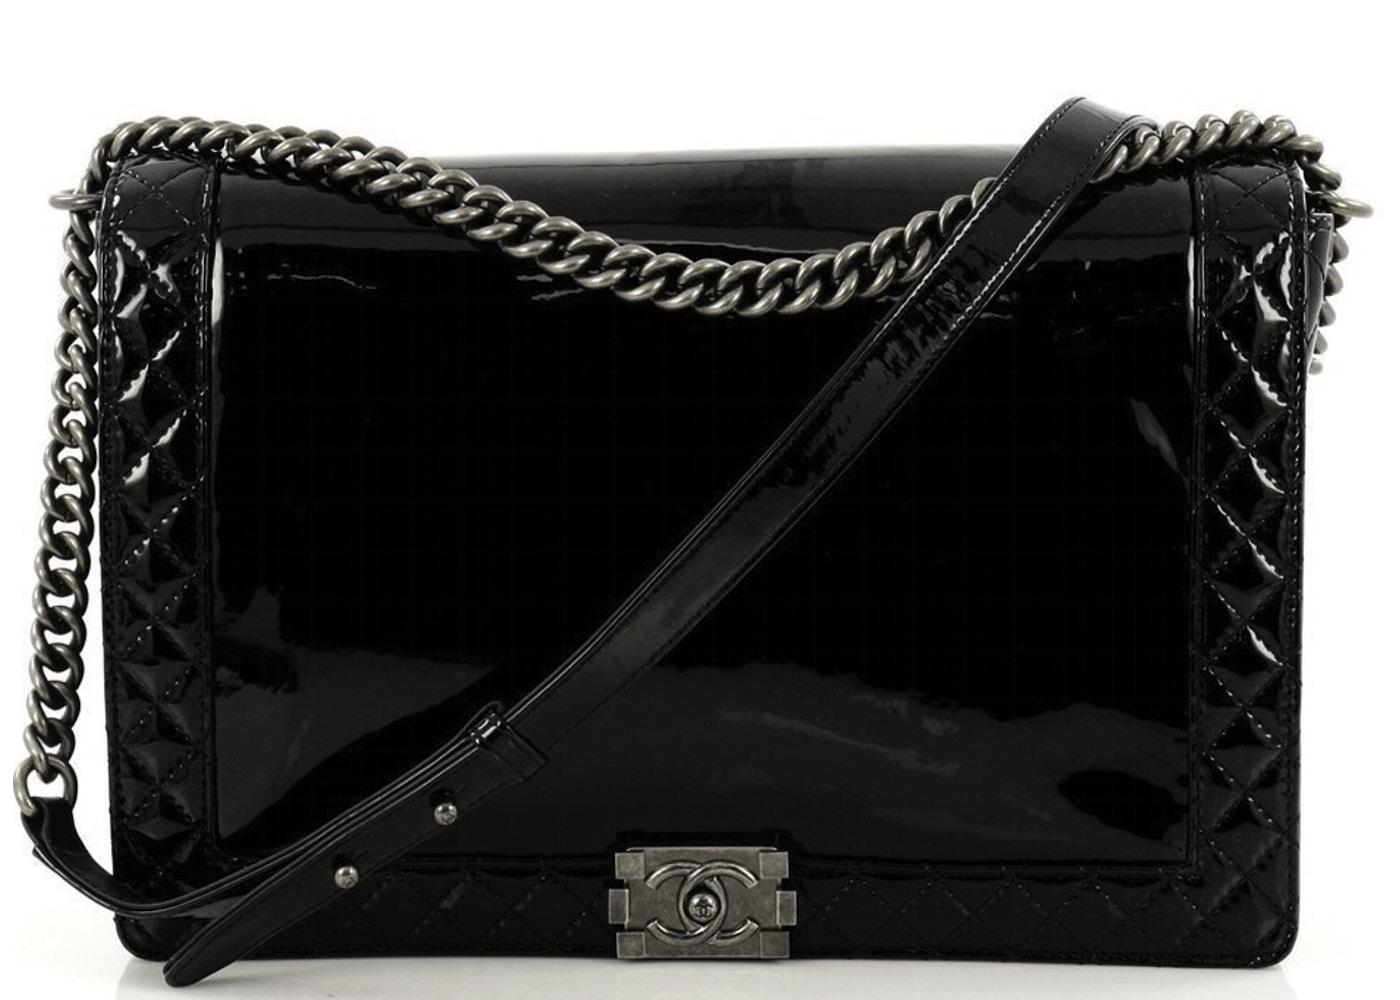 35d8702d925c Chanel Reverso Boy Flap Large Black. Large Black